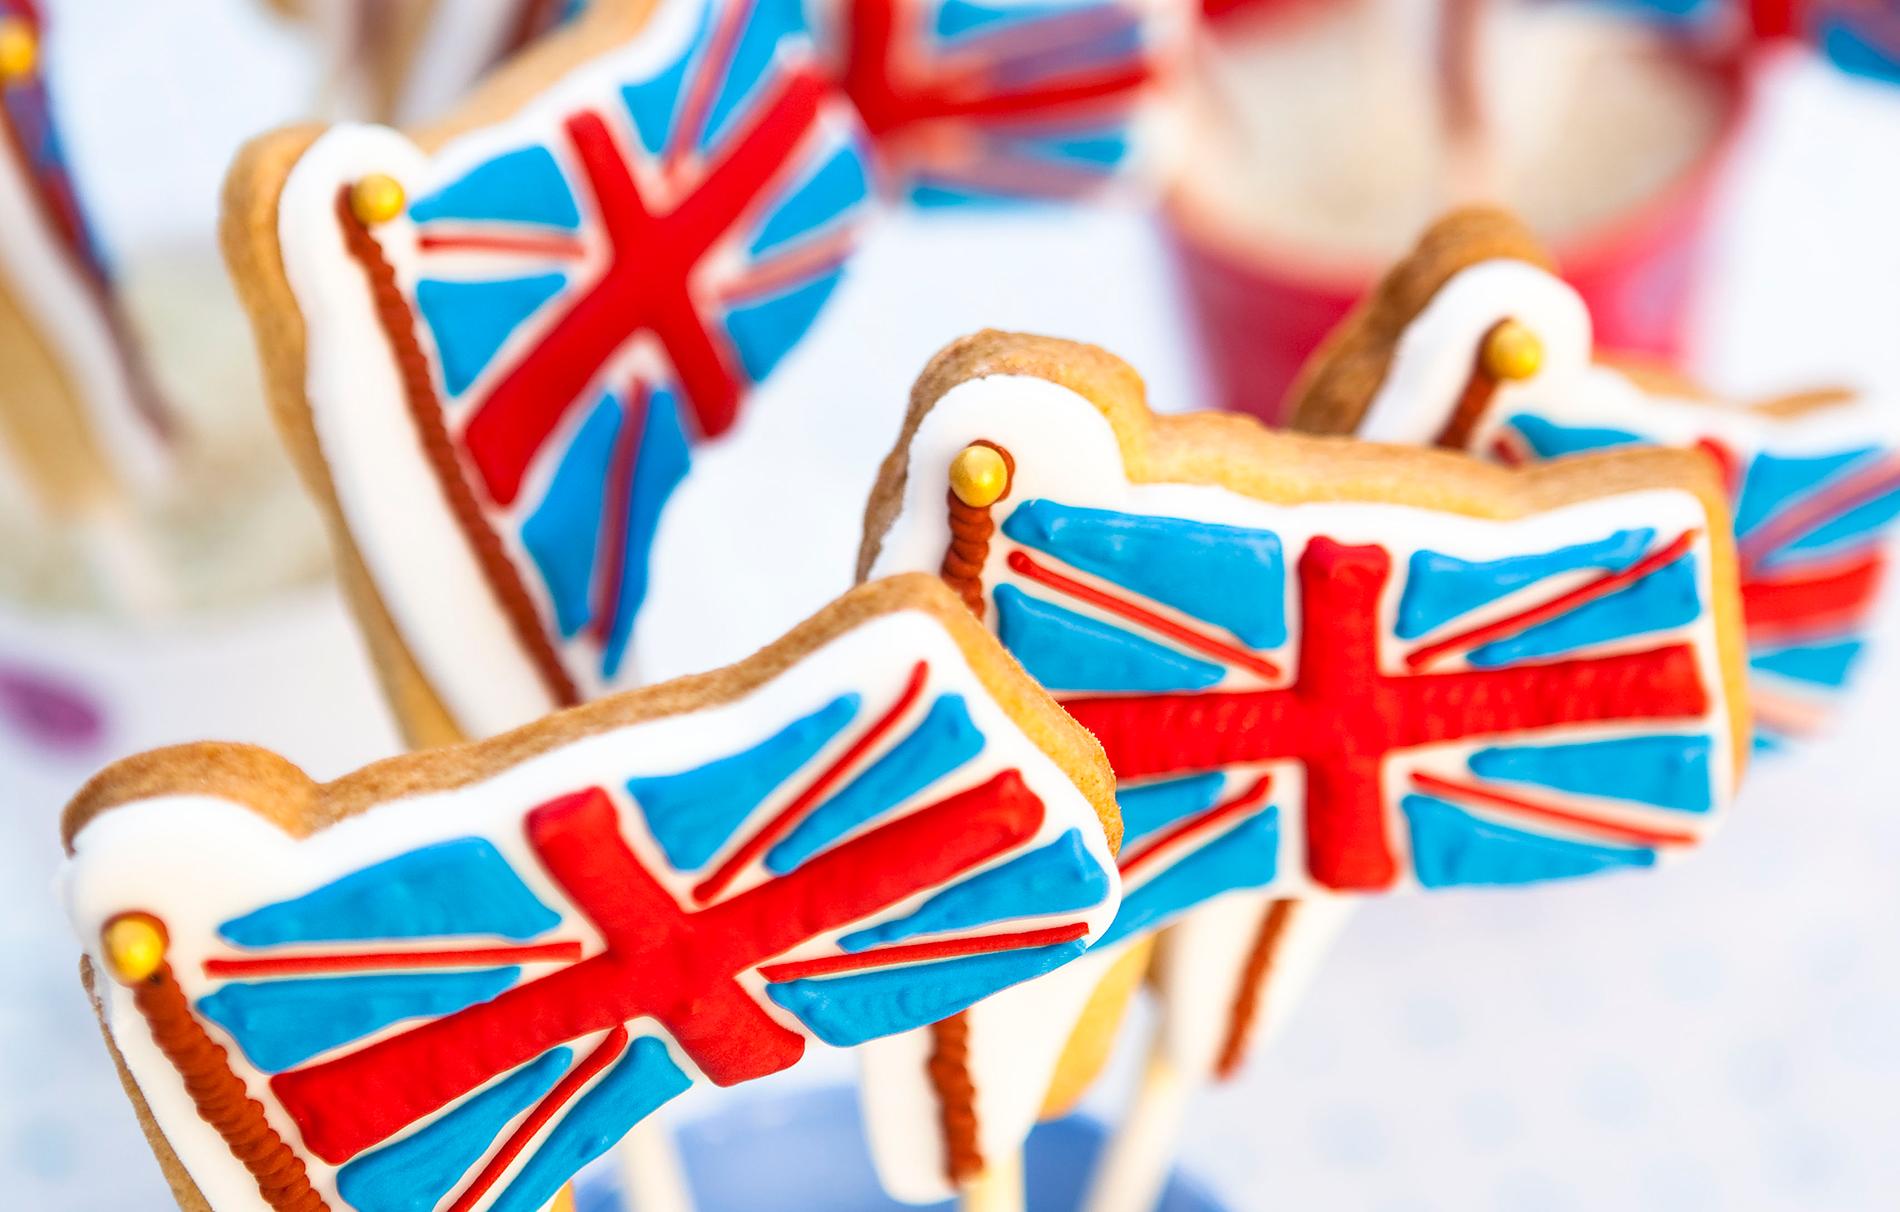 Cookies de bandera Union Jack Perfectas para cualquier celebración real, estas lindas galletas Union Jack son un regalo divertido para una fiesta. Fácil de hacer, todo lo que necesitas es un poco de glaseado rojo, blanco y azul